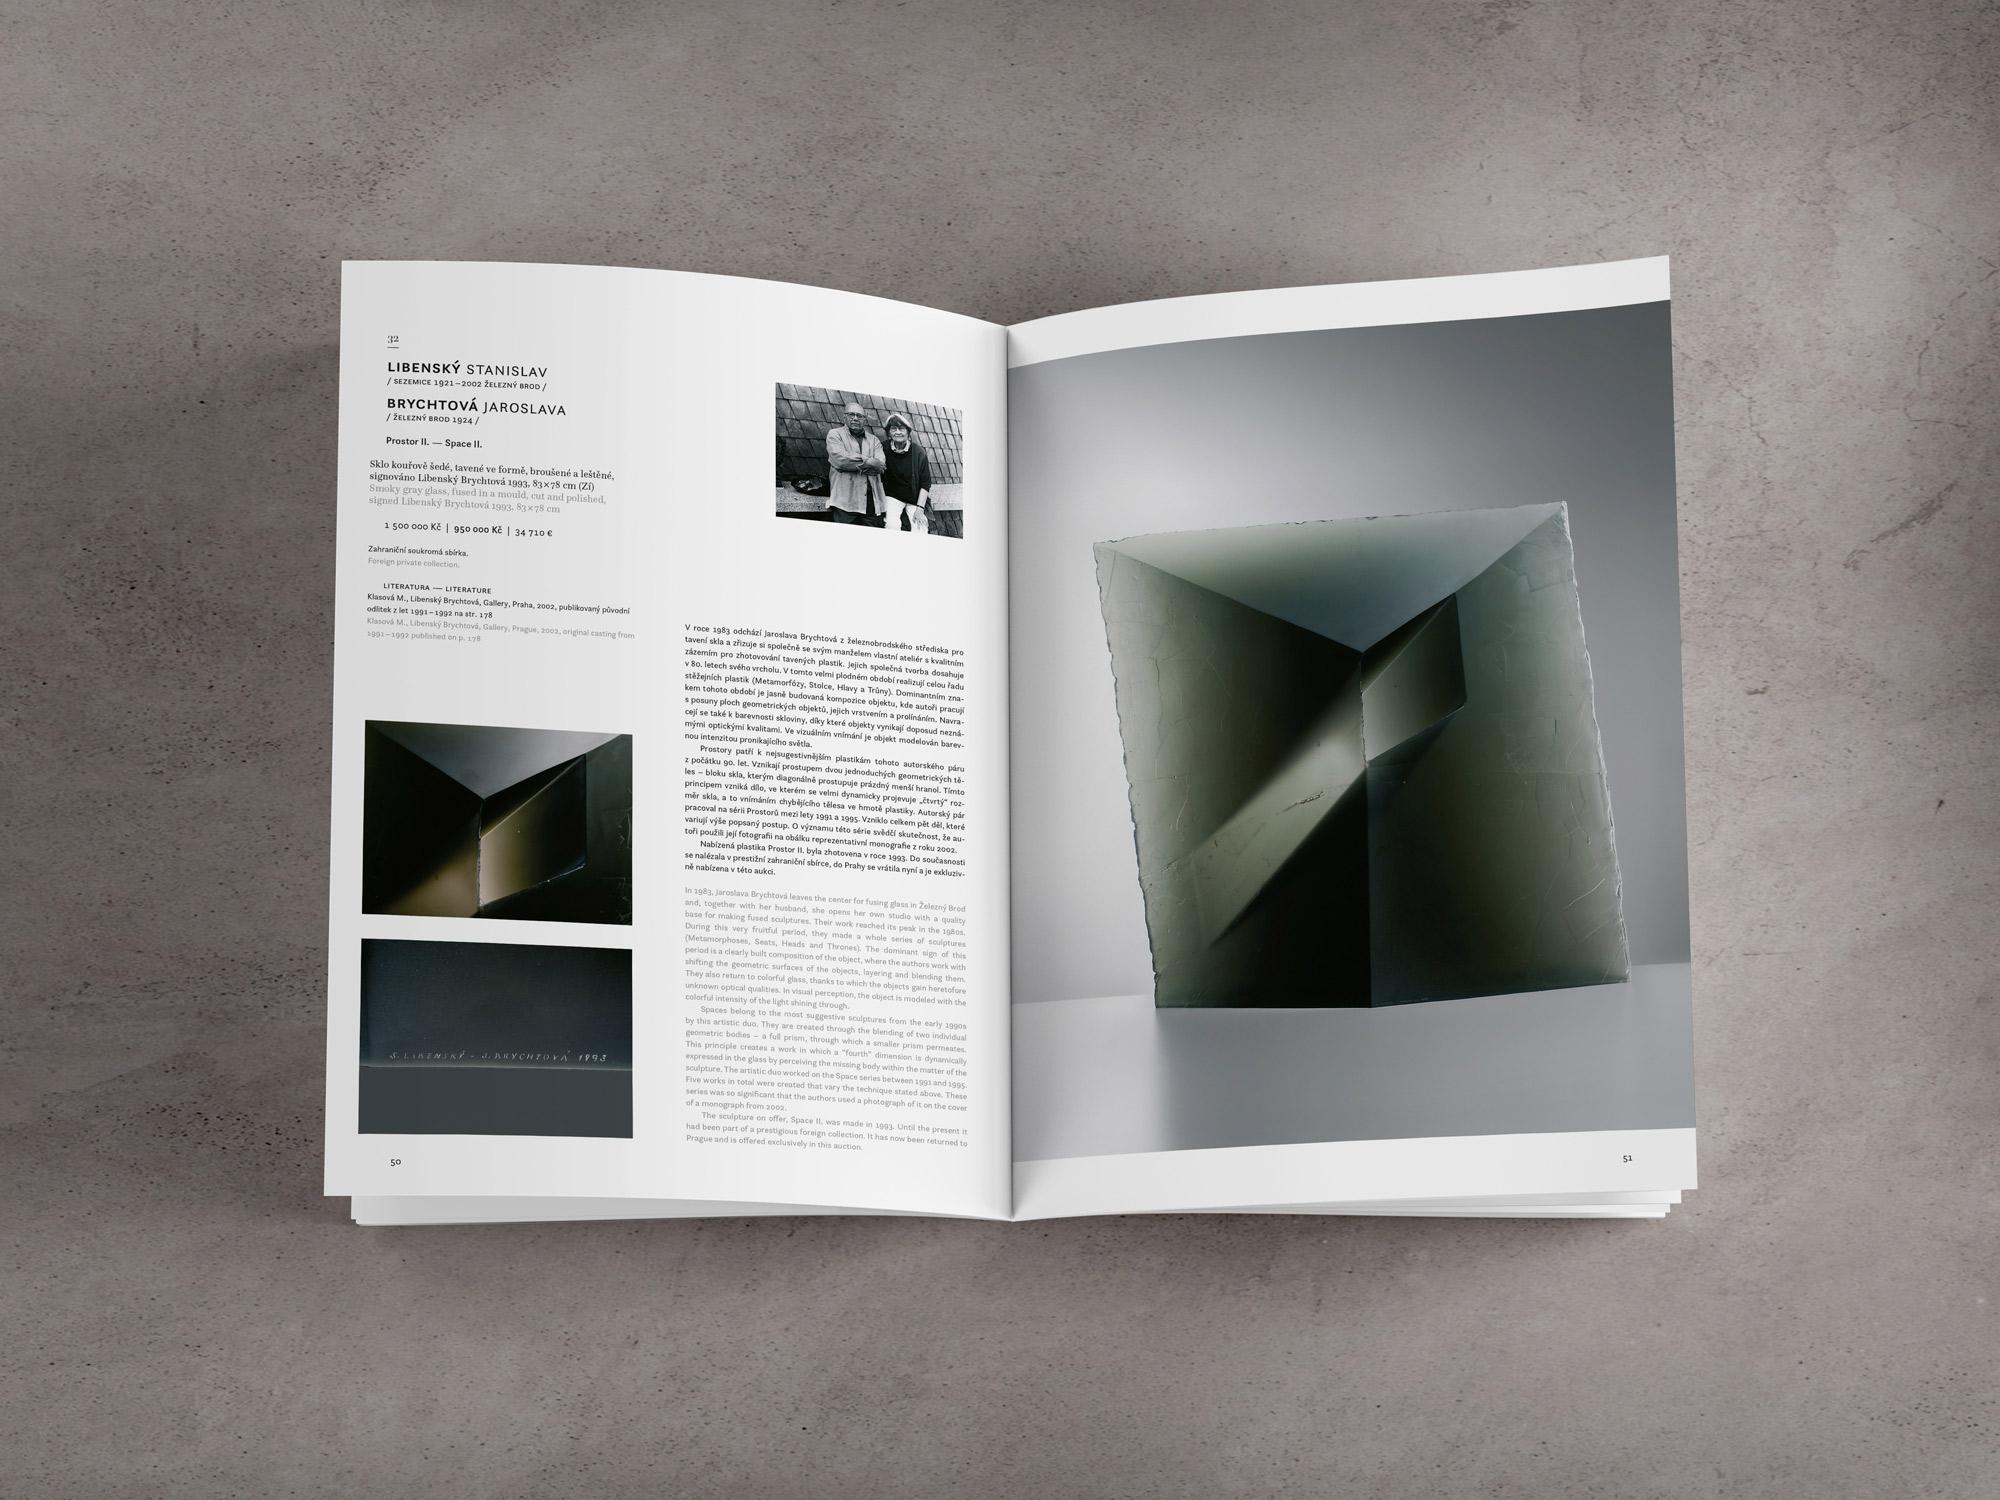 [album/Products_Model_Product/51/DOR_Krehka_sila_katalog_2015_vnitrek_4.jpg]